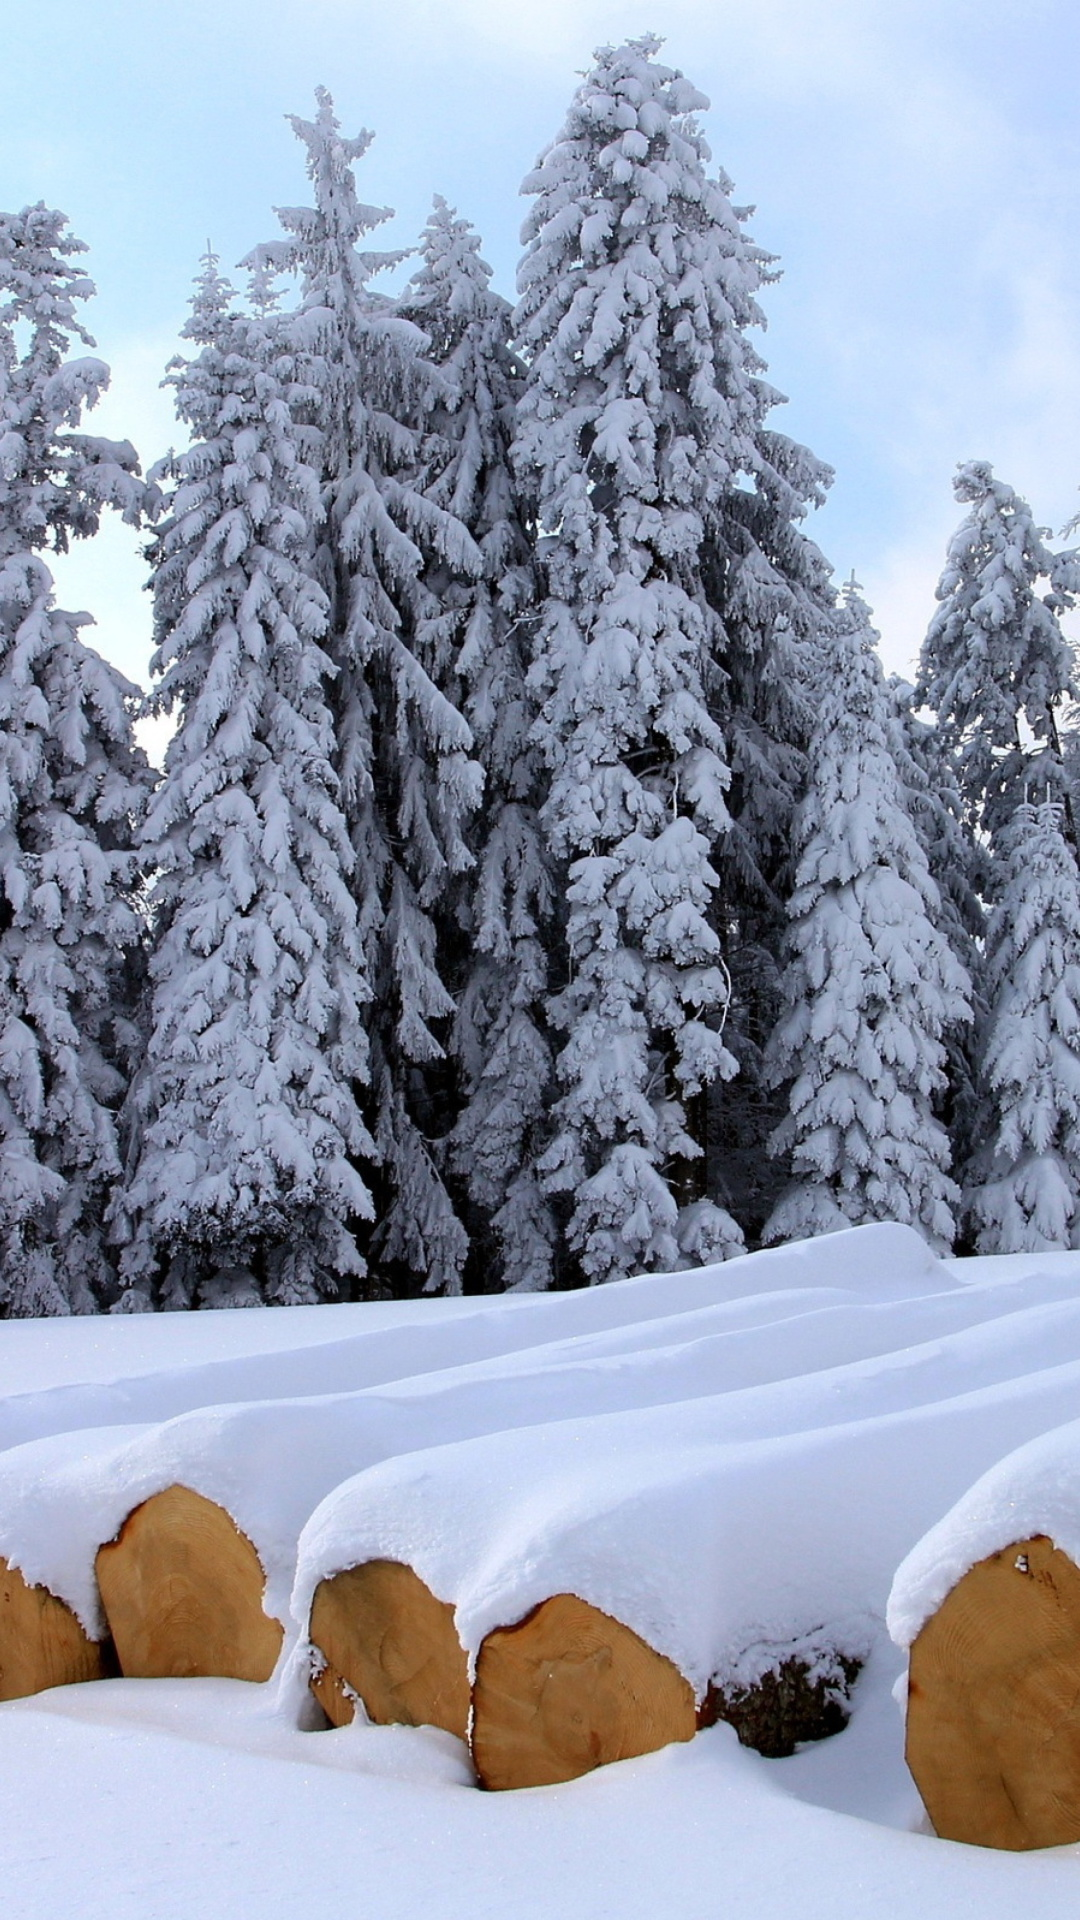 снег зима бревна скачать